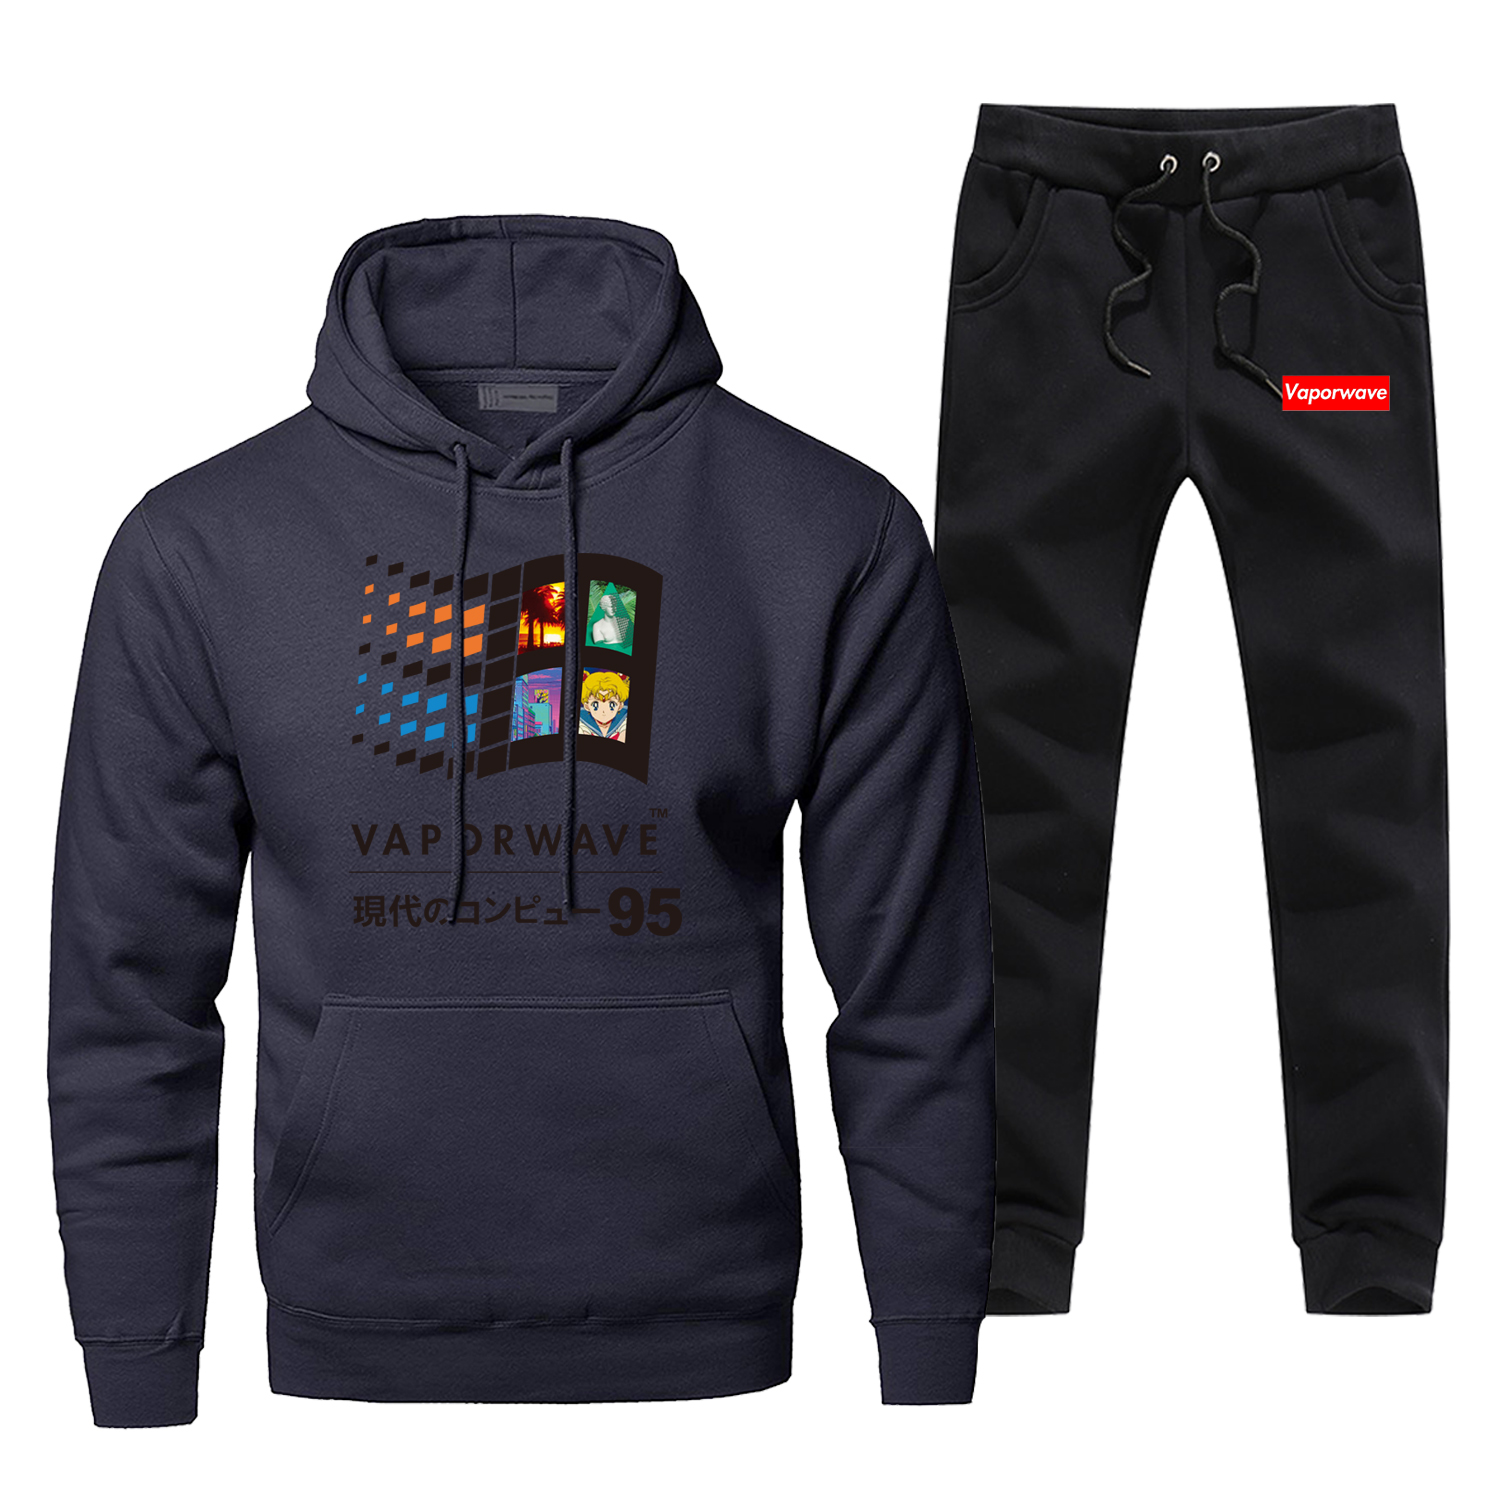 Mens Hoodies Sets Vaporwave 2Pcs Pant Vintage Retro Hoodie Sweatshirt Sweatpants Streetwear Japanese Anime Aesthetic Sweatshirts